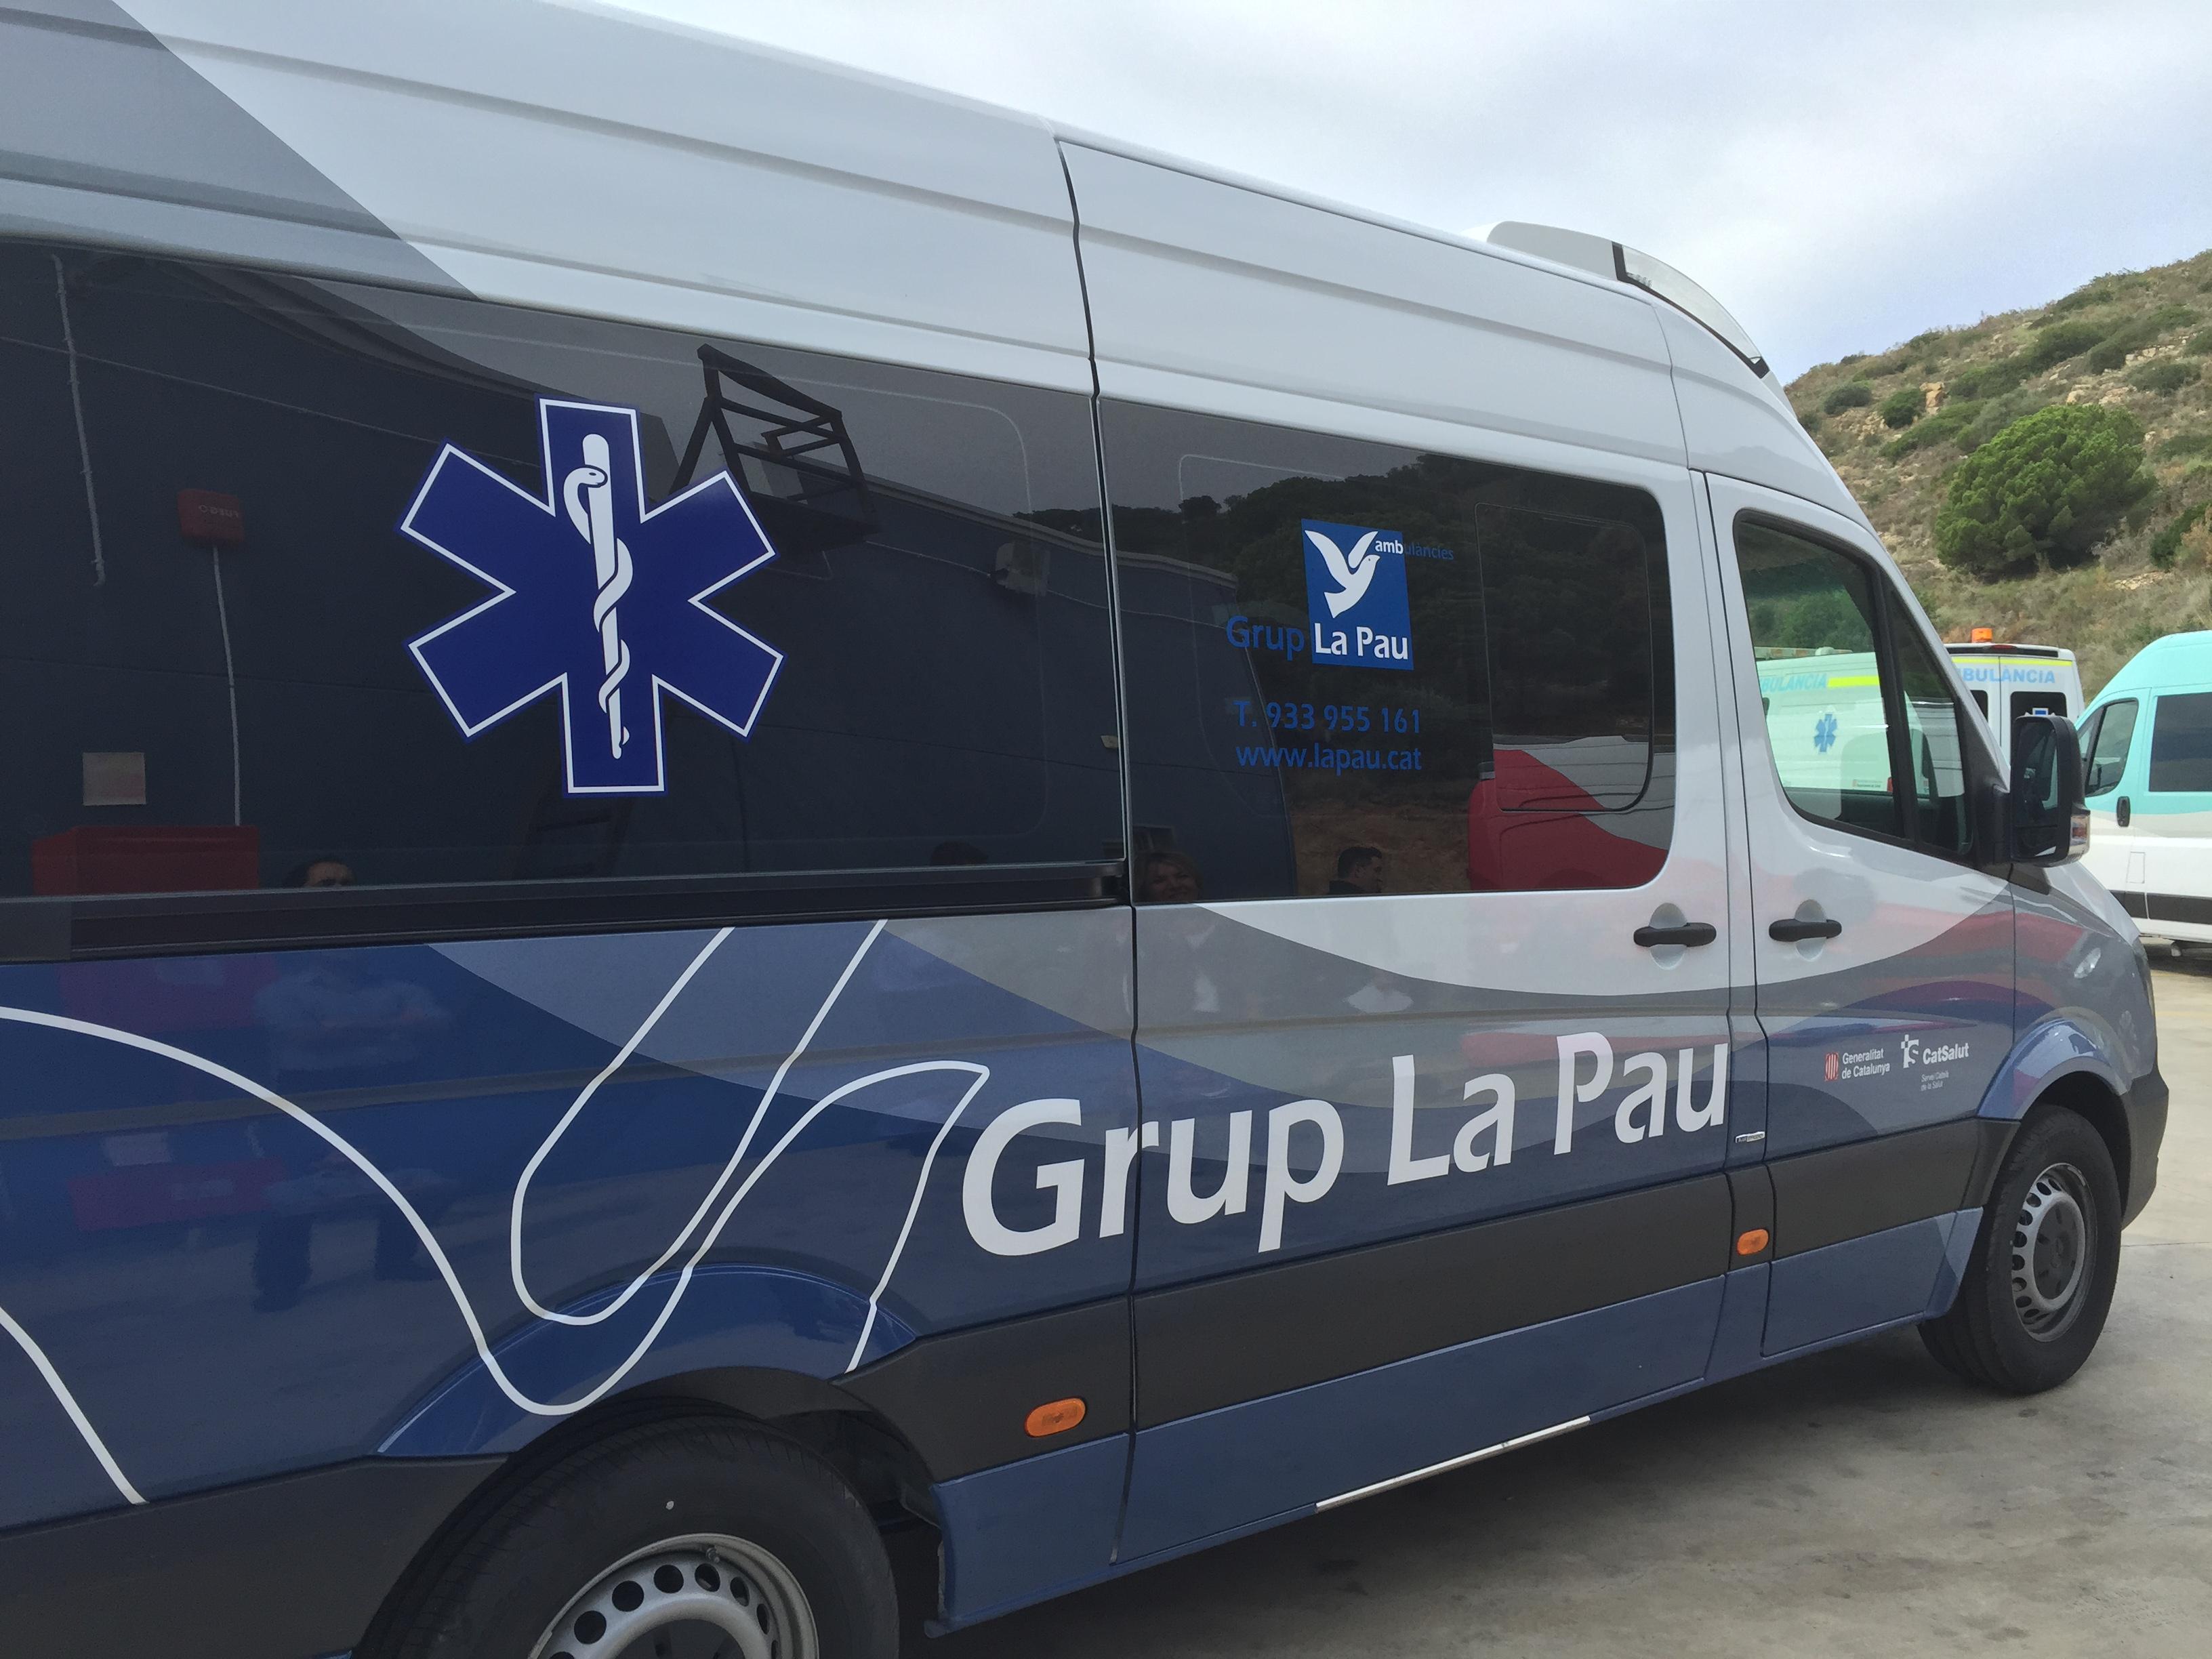 Grup La Pau, adjudicataria del concurso de servicios preventivos convocado por el Ayuntamiento de Gavá